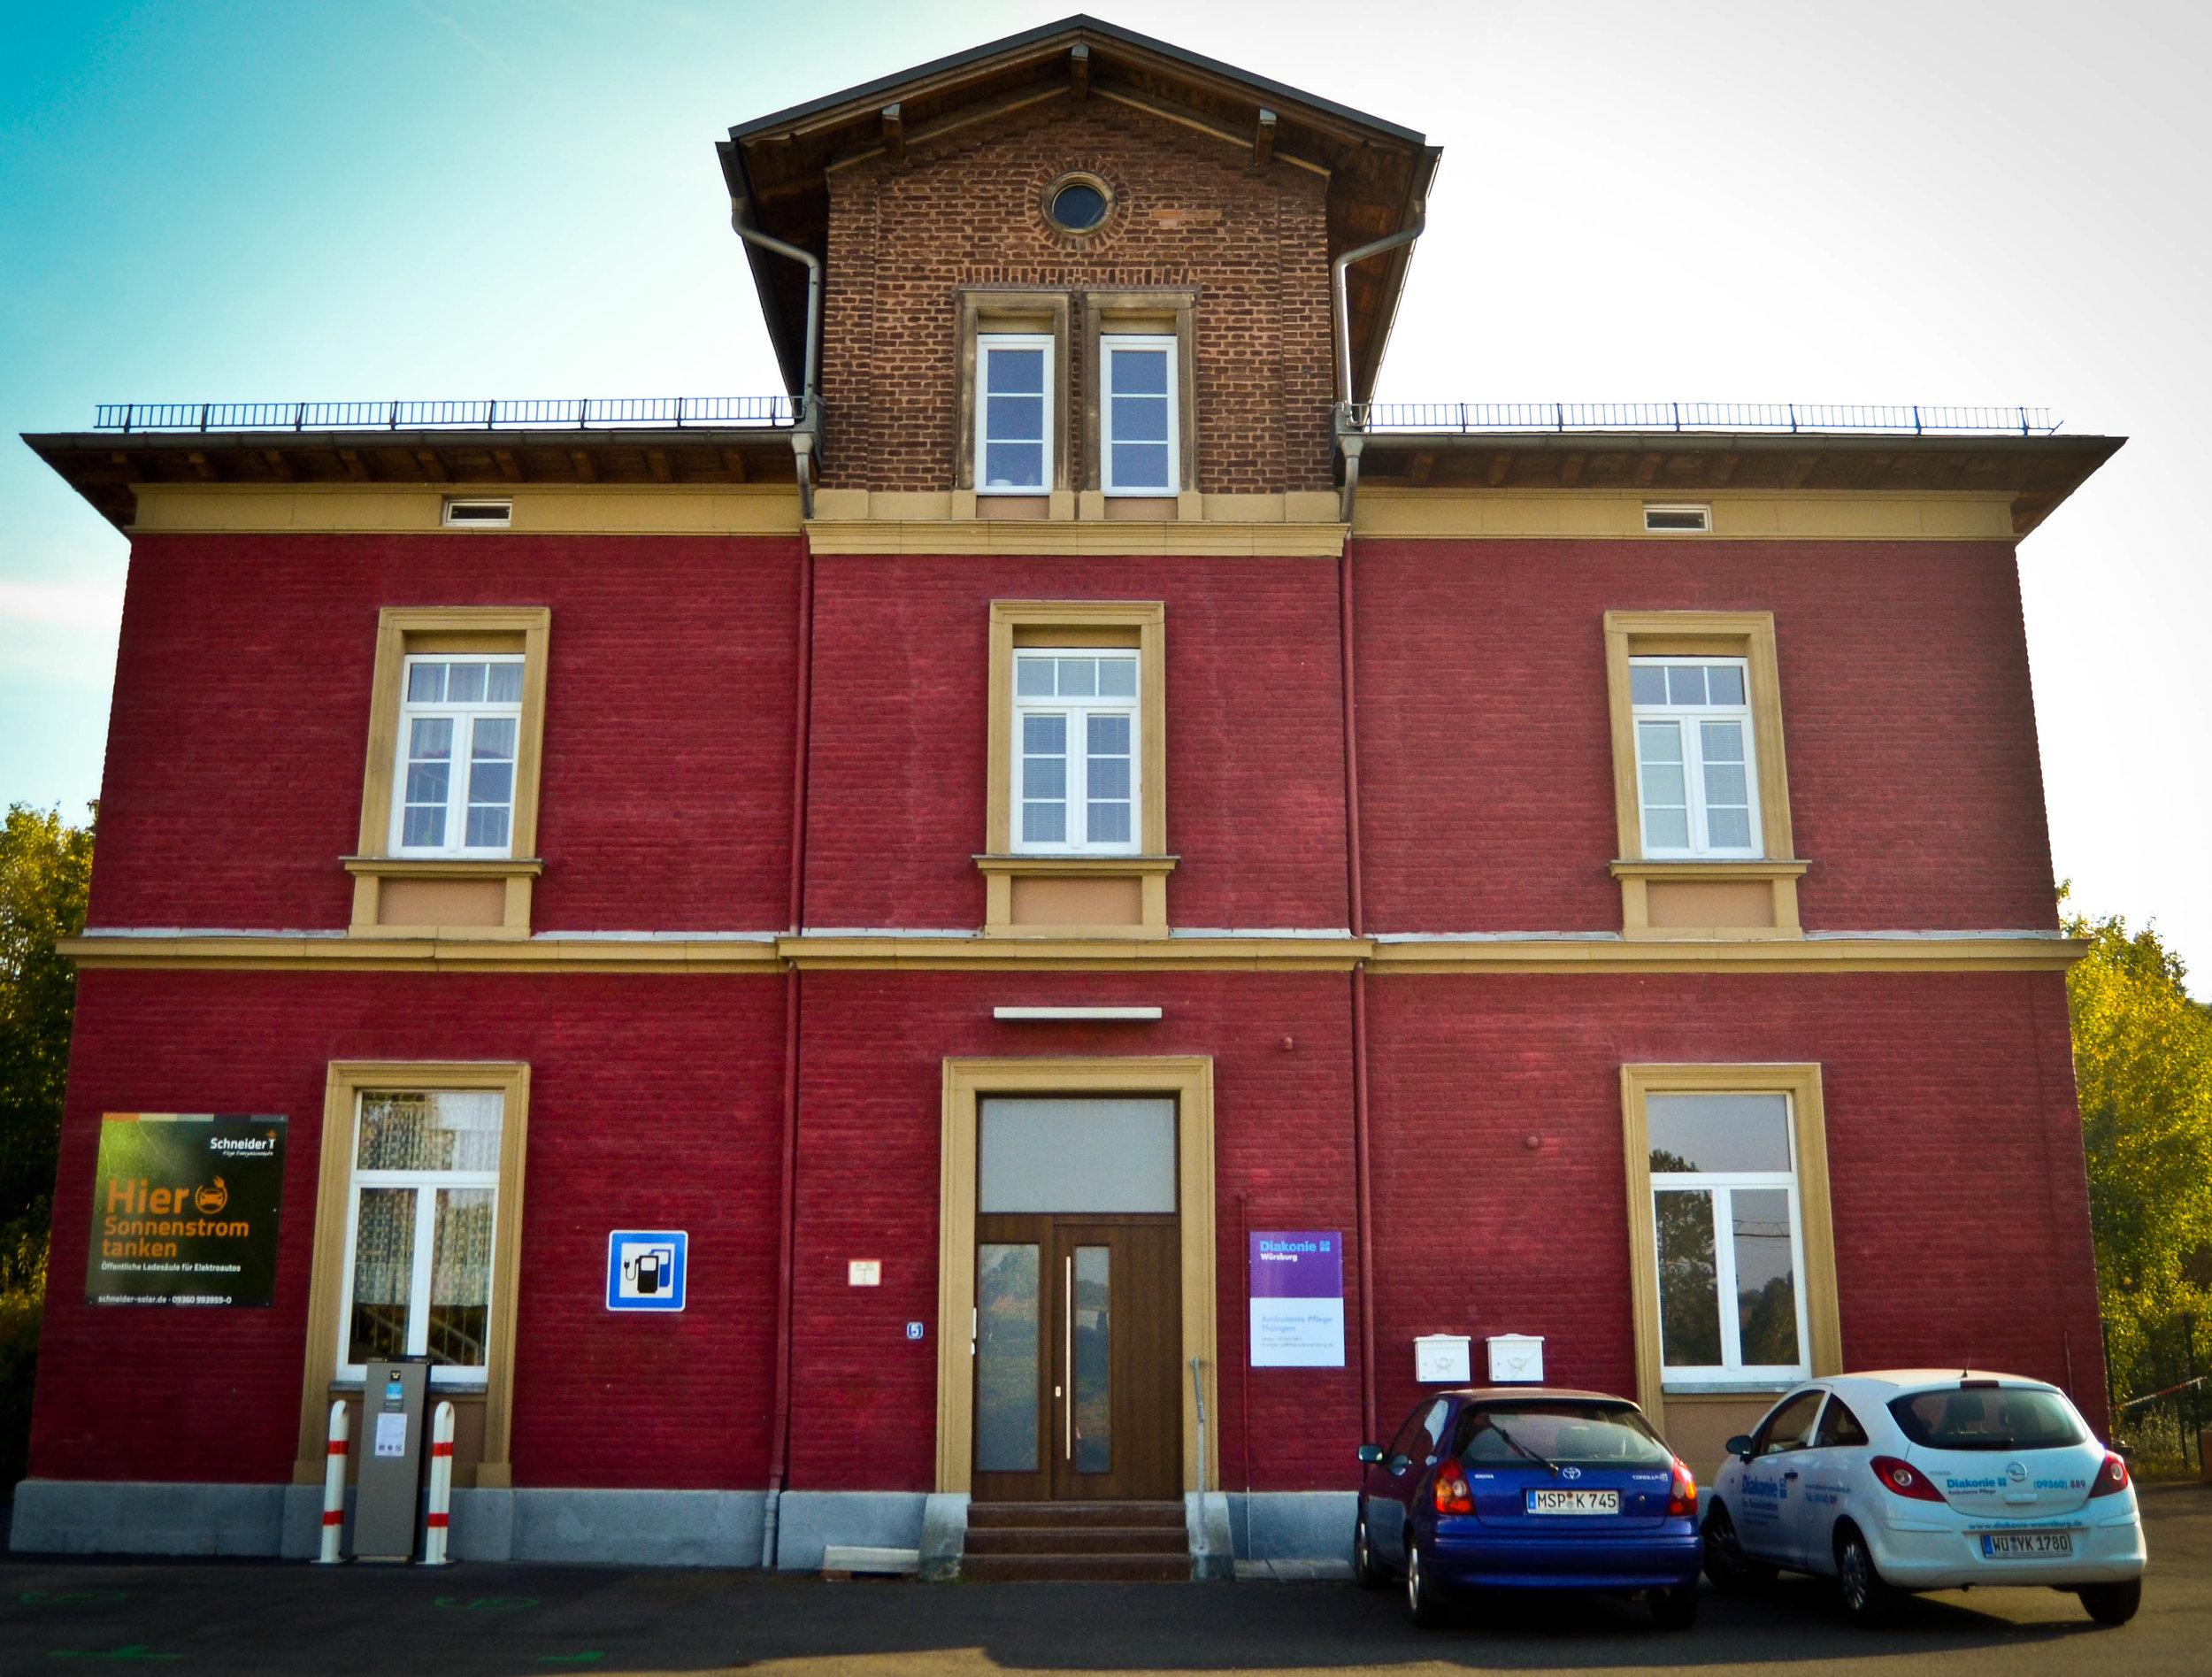 Der Sitz der Diakoniesozialstation Thüngen im alten Bahnhofsgebäude, Am Bahnhof 5 in 97289 Thüngen    Telefon: 09360 - 889    Pflegenotruf: 01801 - 110220